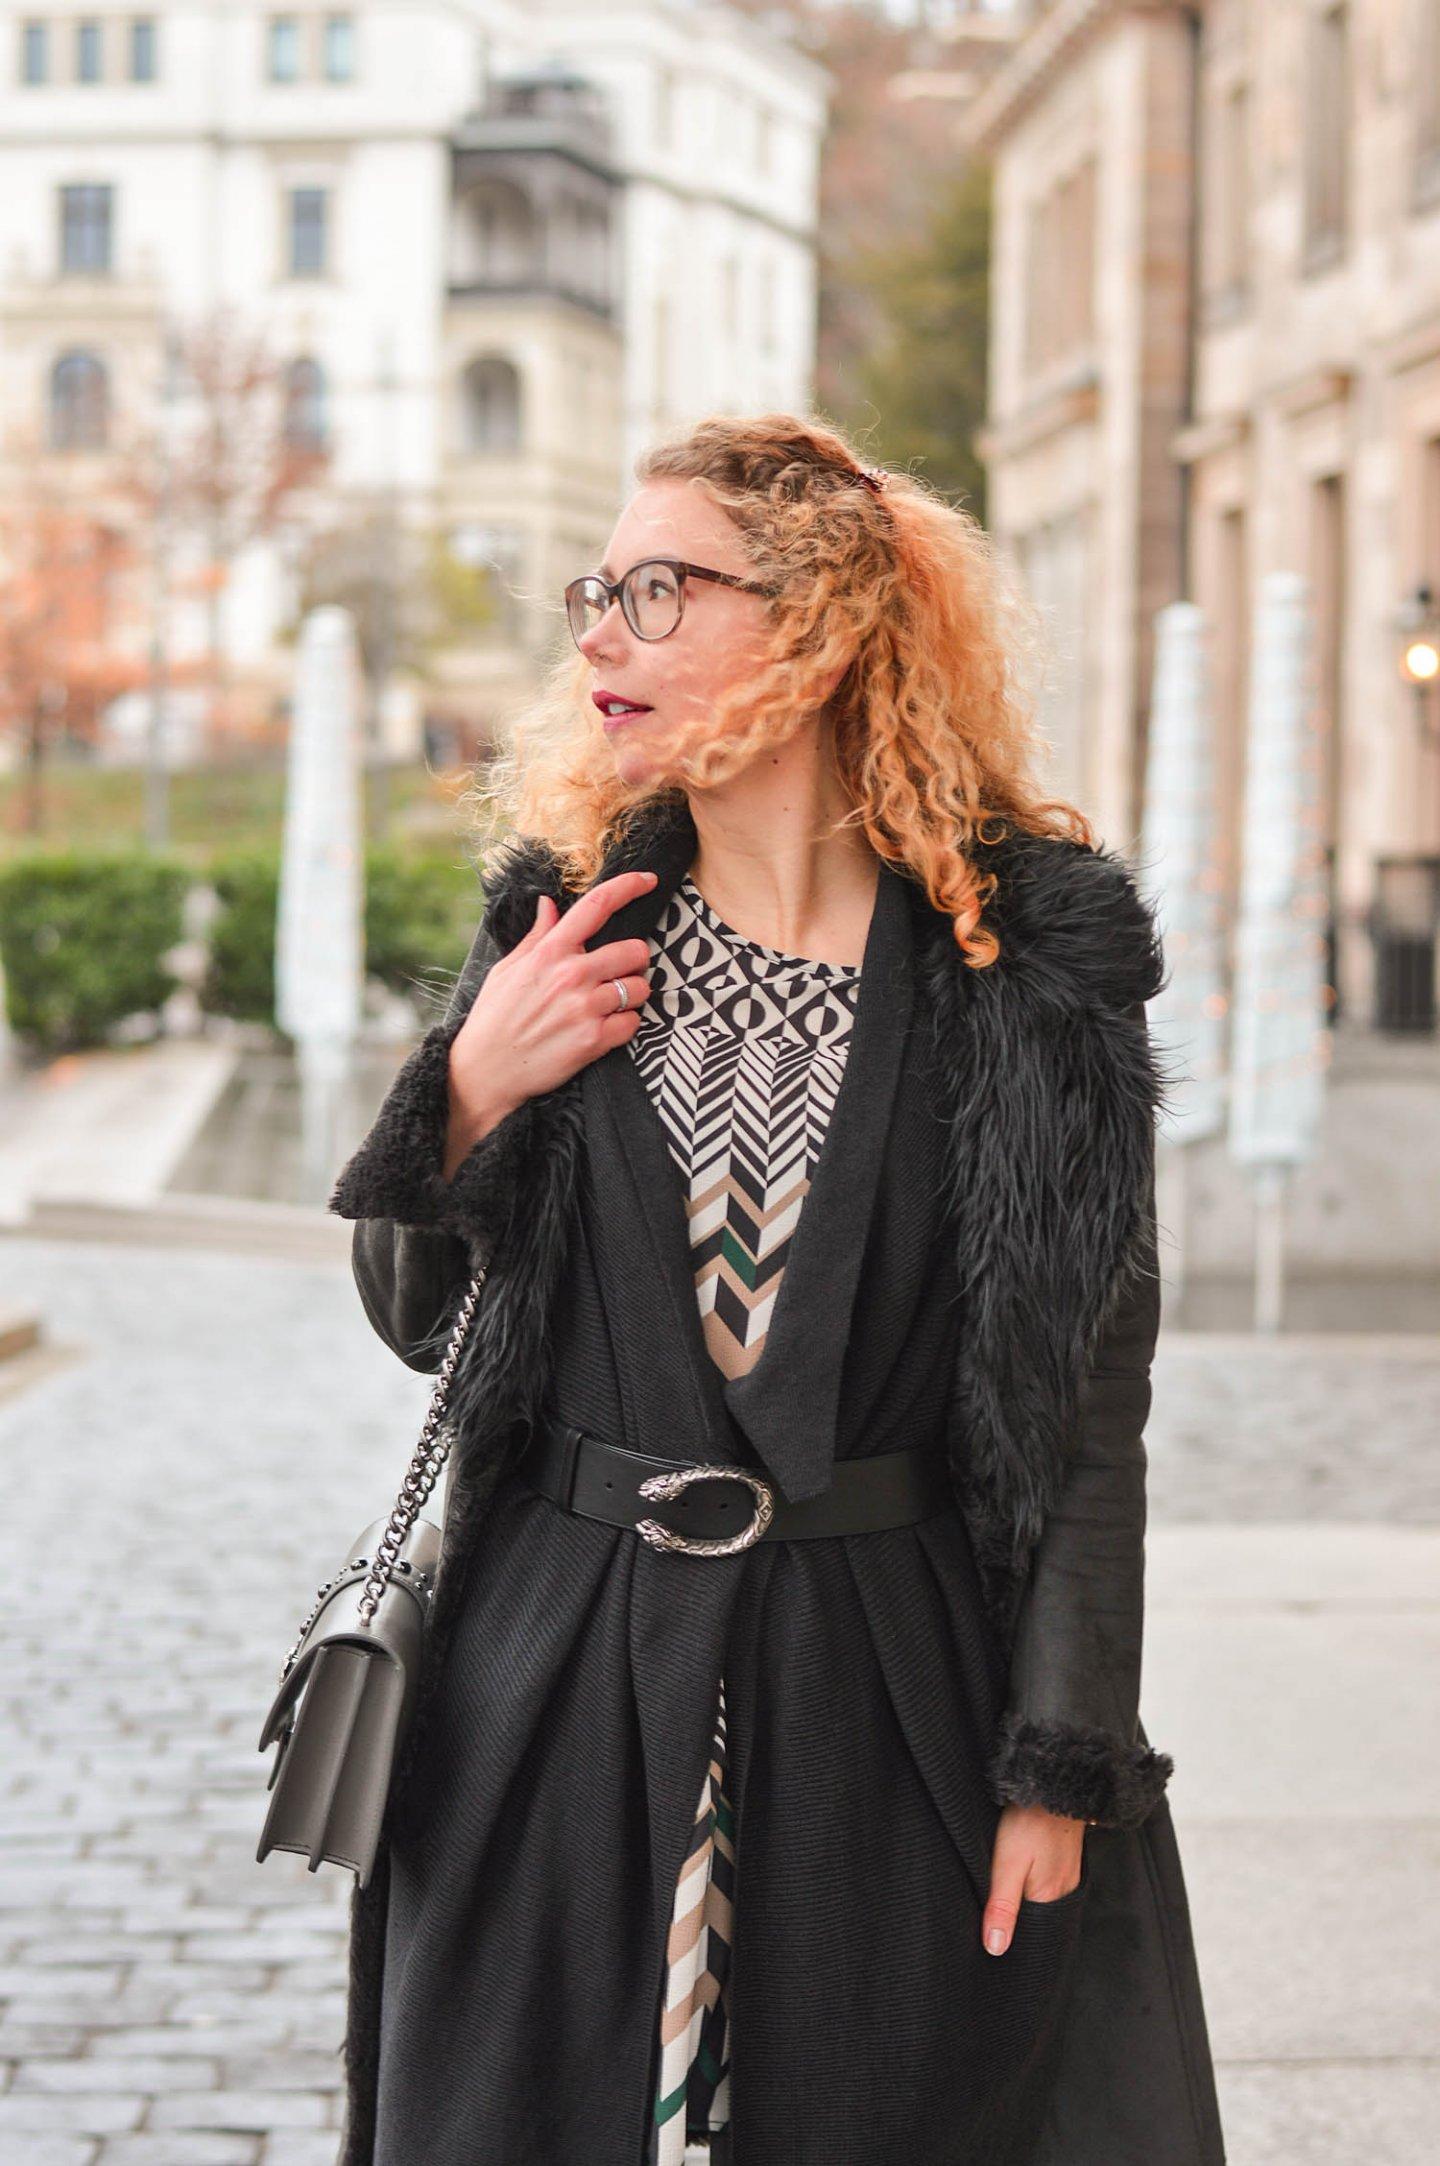 Shearling-Grautöne-und-Grafische-Muster-Winter-Outfit-Wiesbaden-kationette-fashionblog